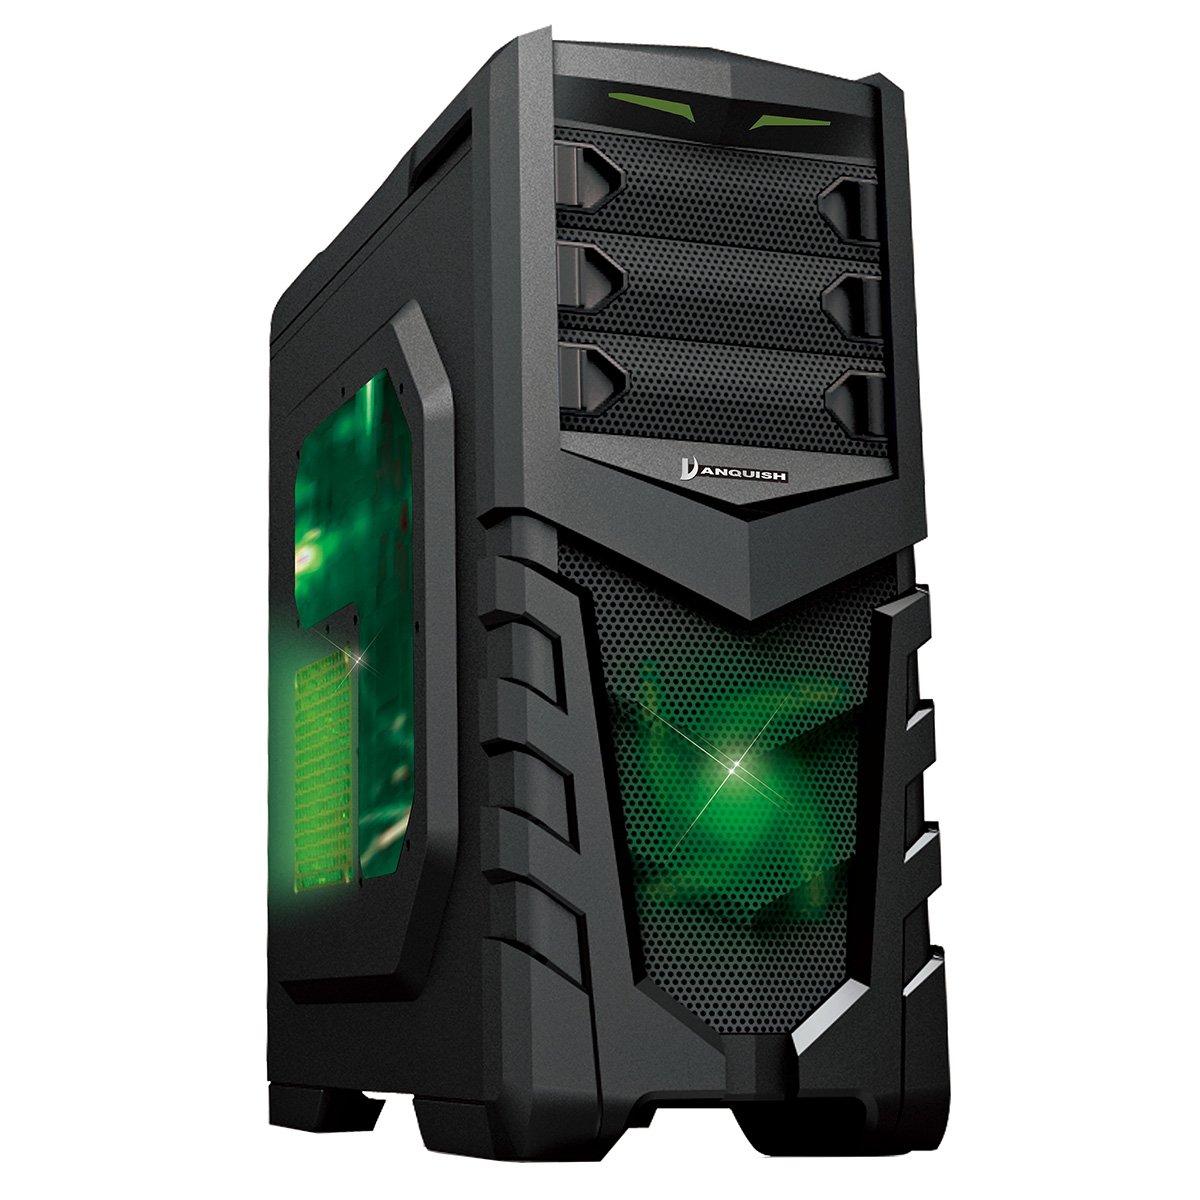 CiT Vanquish - Caja para Ordenador (Puerto USB 3ventana Lateral, Lector de Tarjetas, 2 Ventiladores de 12 cm Verdes): Amazon.es: Informática